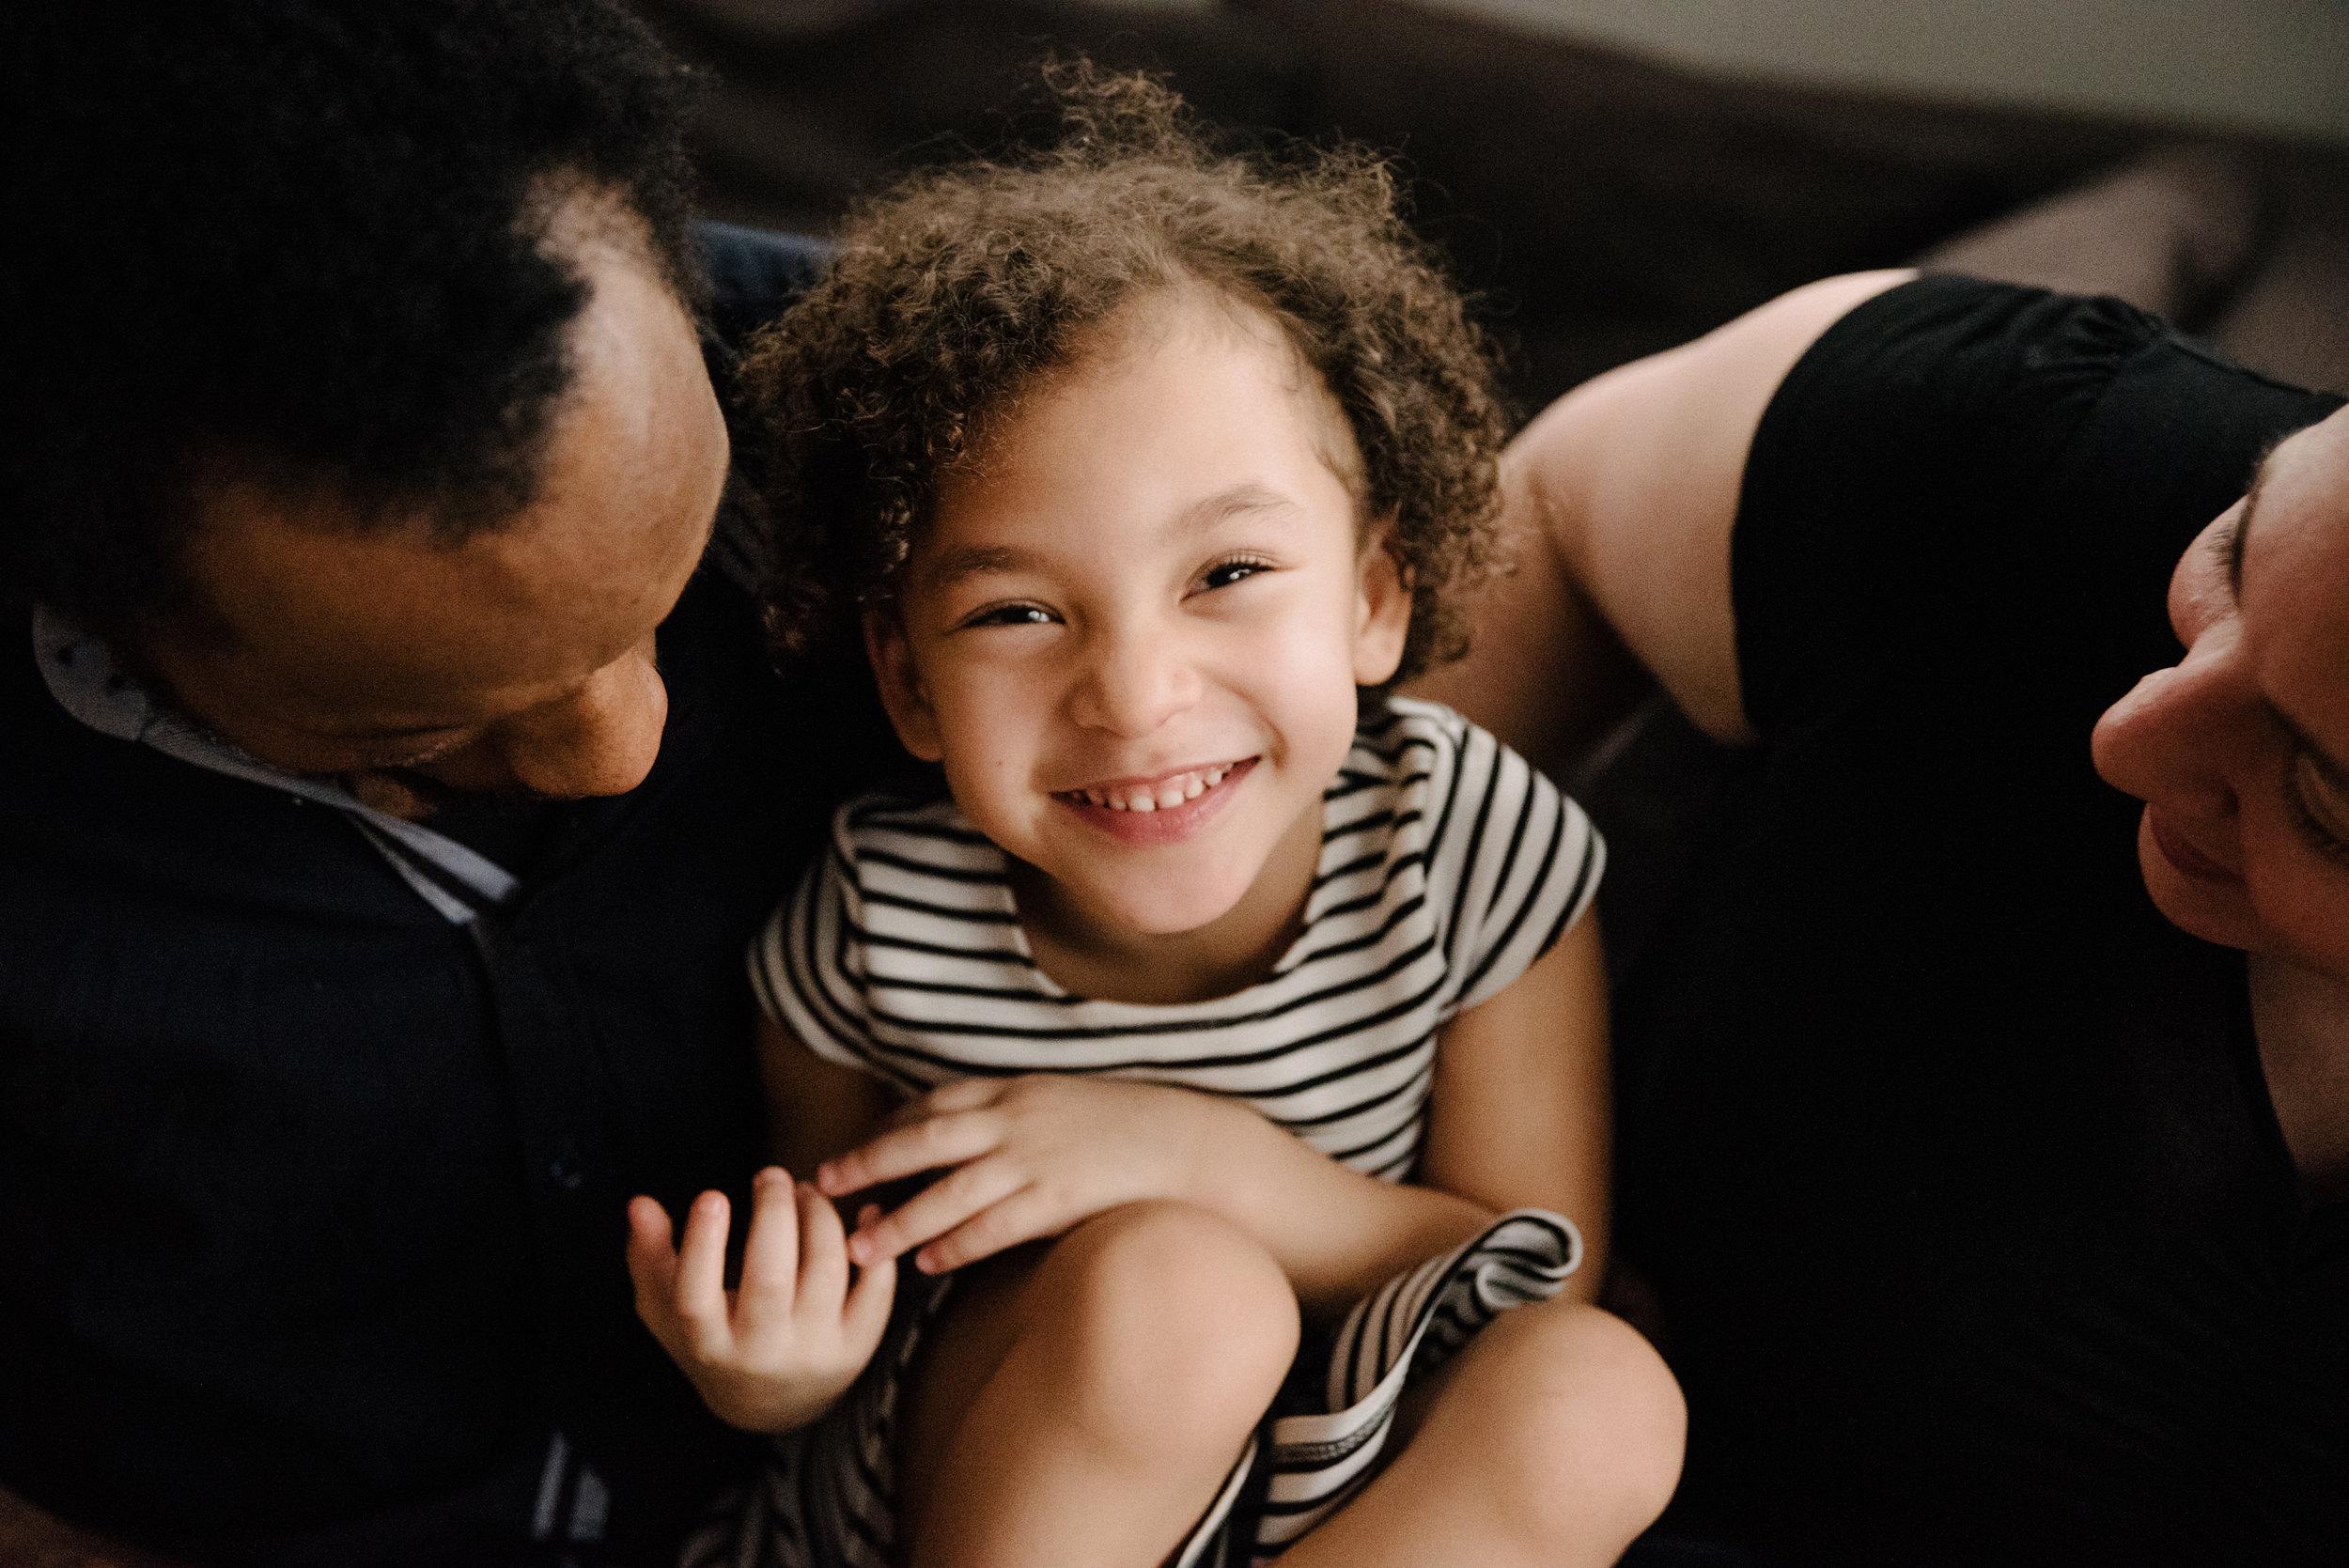 photo-d-une-fillette-au-sourire-rayonnant-blottie-contre-ses-parents-photographe-lifestyle-famille-et-nouveau-ne-a-montreal-marianne-charland-690.jpg